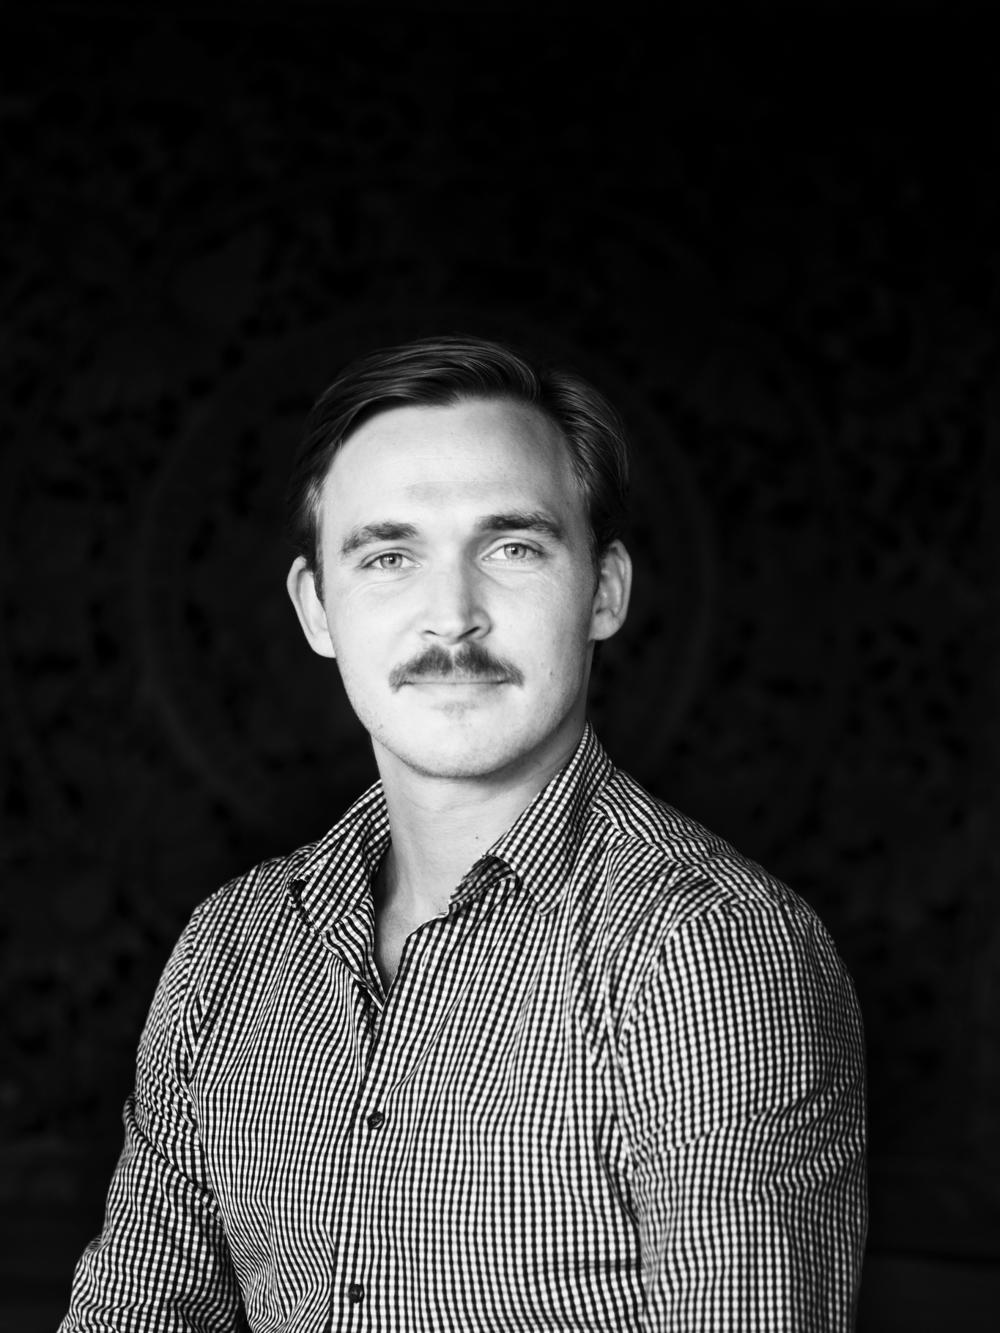 Rune Krøjgaard